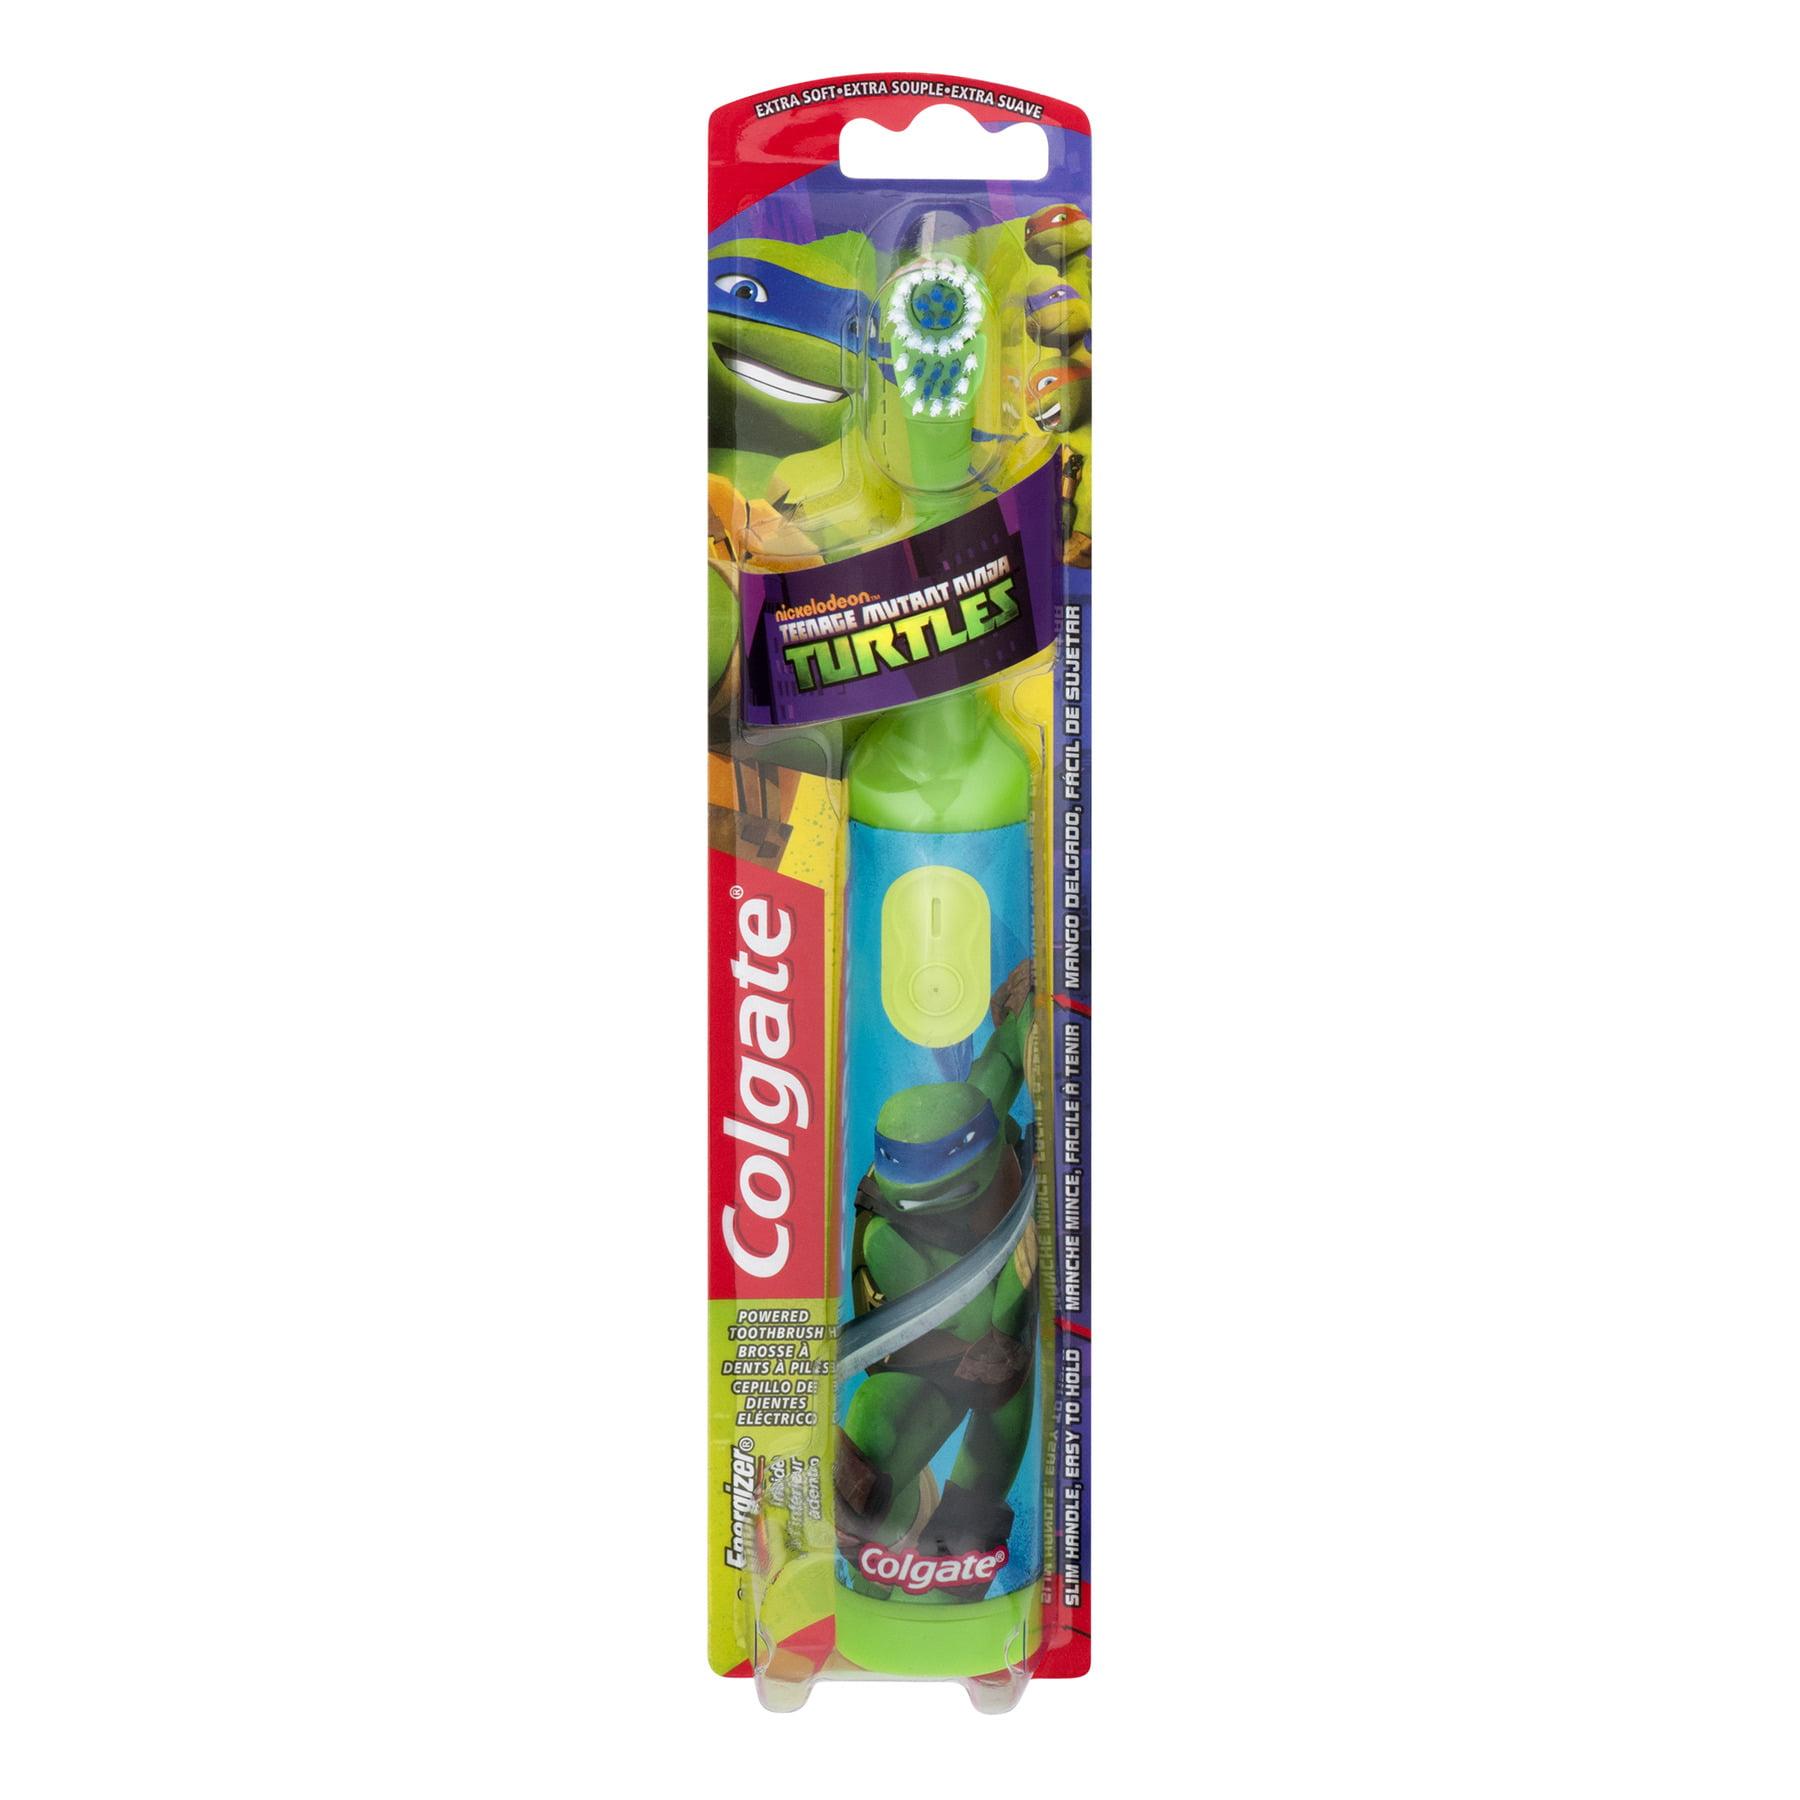 Colgate Kids Powered Toothbrush, Teenage Mutant Ninja Turtles, Extra Soft